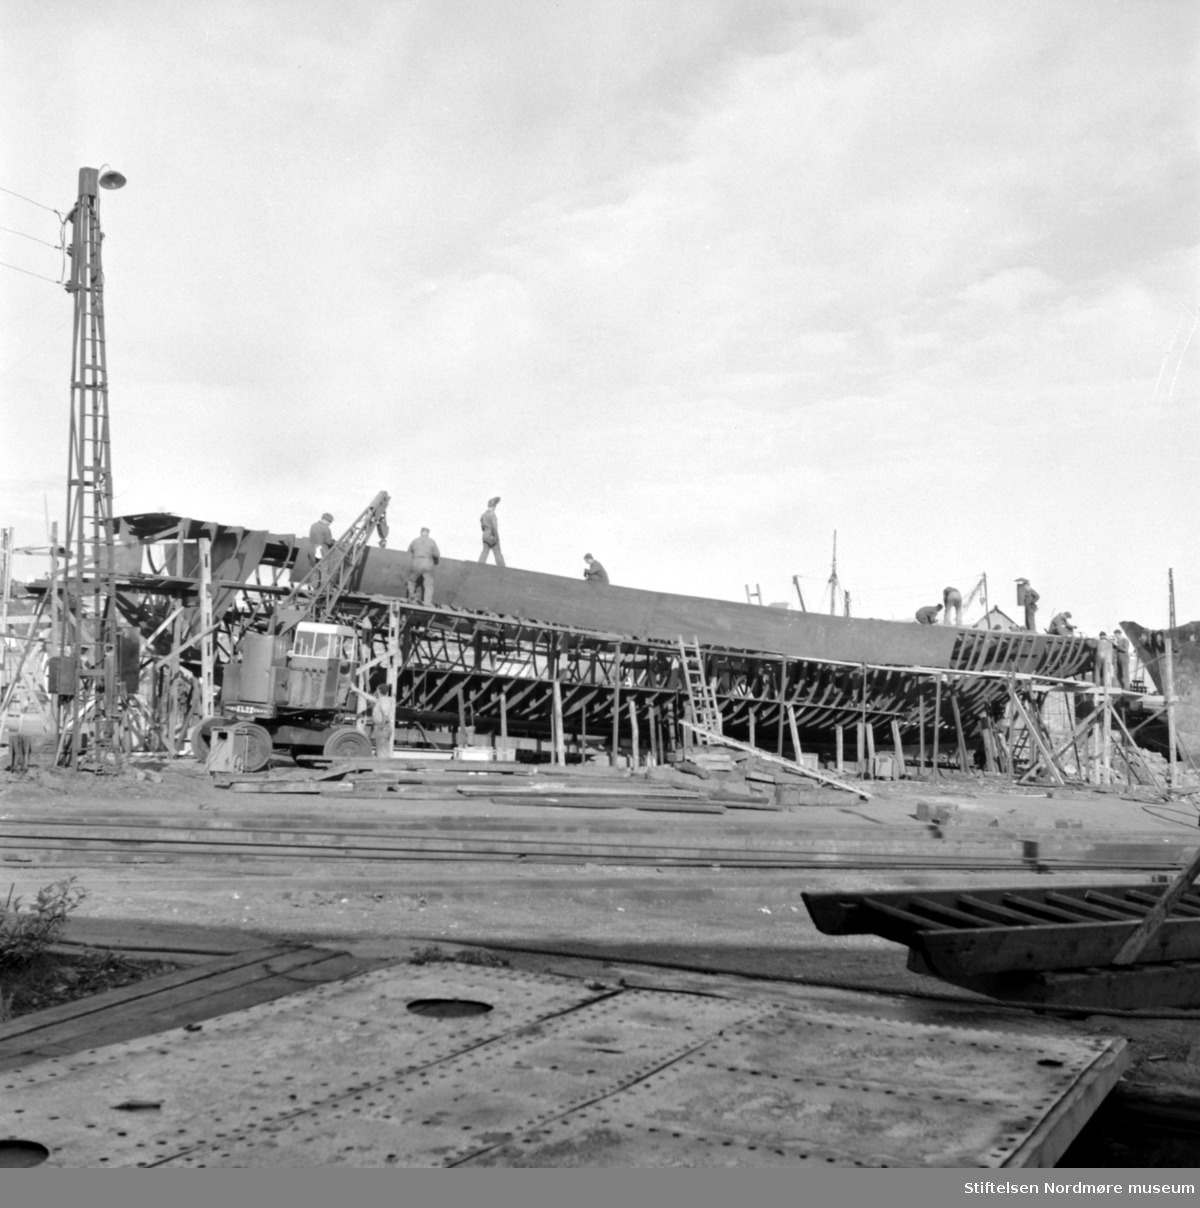 """Bildet viser B/F"""";Norddalsfjord""""; bnr.14 på beddingen ved Storviks Mek. Verksted. """"Norddalsfjord"""" ble levert til Møre og Romsdal Fylkesbåtar 15. mars 1961 og hadde følgende hoveddimensjoner: L 31,20 m x B 8,55 m x D 3,35 m og hadde en tonnasje på 159 bruttoregistertonn. Fremdriftsmaskineriet består av 3 Volvo Penta turboladede dieselmotorer type TMD96 på til sammen 420 hk som via kilremdrift var koblet til et felles gir og propellaksel med vribar propell, slik at hver enkelt av motorene kunne kjøres separat. Fergen hadde 2 Bolinders vekselstrøms-aggregater type 1052MG på 23 hk hver tilkoblet en generator på 17 kW. Fergen var utstyrt med elektrohydraulisk styremaskin. Fergen har plass til 18 personbiler og har sertifikat for 160 passasjerer. Forut er det innredet 6 lugarer for offiserer og restaurantpersonale og akterut en mannskapslugar for 4 personer og toppfarten er 11,4 knop og marsjfarten 10,5 knop. Ferga er verkstedets første nybygg etter B/F""""Trygge"""" som ble levert i 1938.  Foran nybygget ses verkstedets mobilkran av fabrikat Jones KL22 innkjøpt ca. 1959. Den hadde en 1-sylindret dieselmotor til drift og hadde en maksimal løfteevne på 2 tonn og kjørte på bildekk, med solide stålfelger til å avlaste dekkene ved løfting. Helt til høyre ses baugen på hvalbåten """"Star X"""" som ble ombygd til kraftblokksnurper ved verkstedet og fikk navnet M/S""""Nordbas"""" og ble en av de største i Norge. Til venstre for """"Star X"""" og over akterenden på nybygget ses huset til verkstedets dampkjel. Man ser flere ukjente personer som arbeider på nybygget. Personen til venstre for kranbommen til mobilkrana er platearbeider Per Hansø og til høyre for ham ses platearbeider Leif Lesund og utenfor kranhuset ses sjåfør Kåre Frisvold. Personen, lengst til venstre, på dekket, med sveiseskjerm, er platearbeider Jarl Johansen. Personen inne i kranhuset er sansynligvis sjauer Gunnar Pedersen. I forgrunnen ses kjørebroen over slippwiren like ved slippspillet og man ser at den nye patentslippvogna, den stø"""